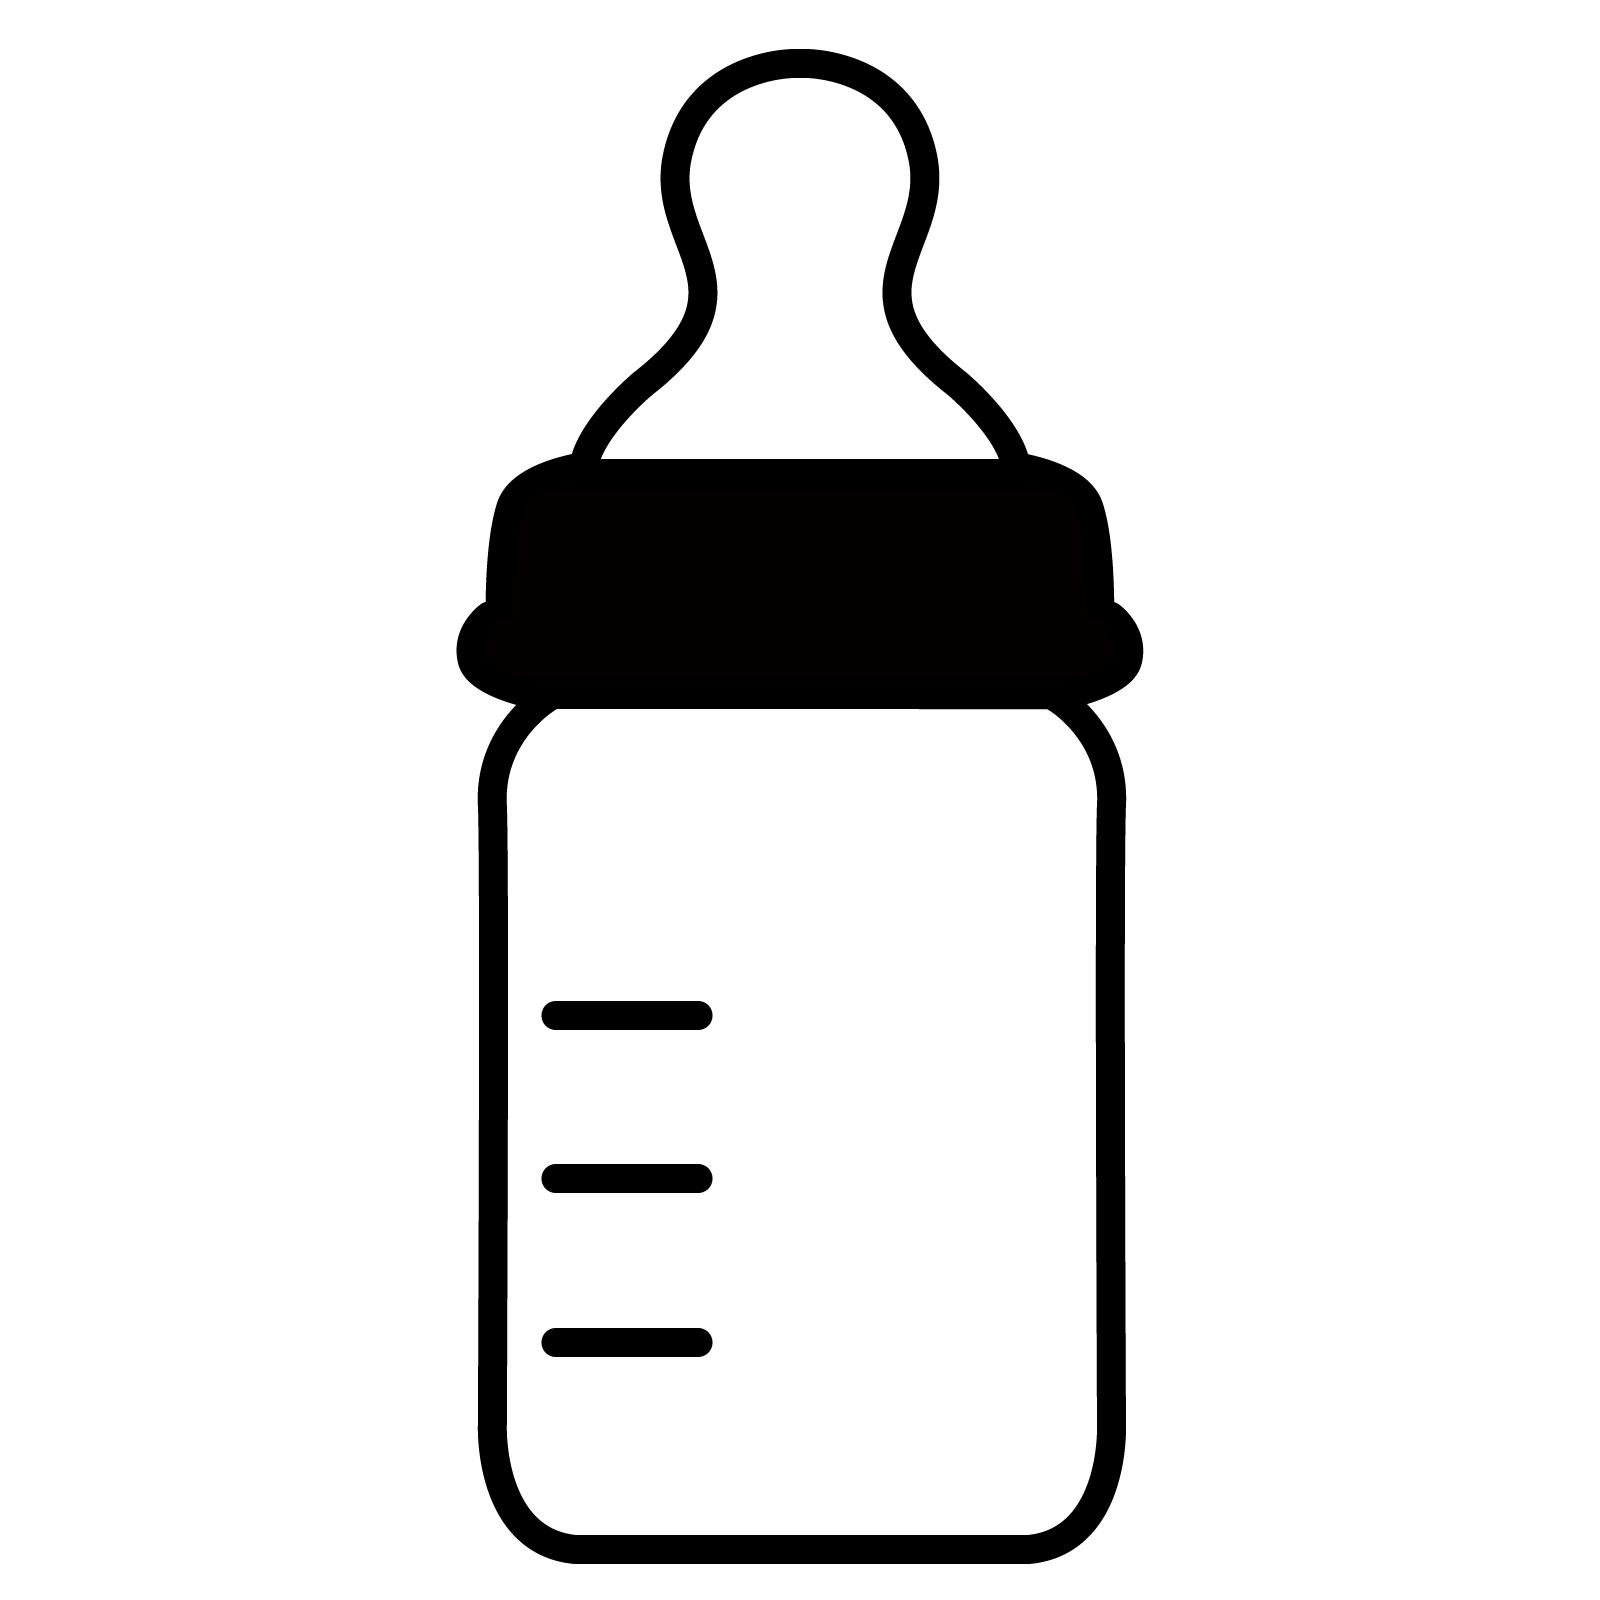 [向精神薬の副作用] 妊娠していないのに母乳が出ました